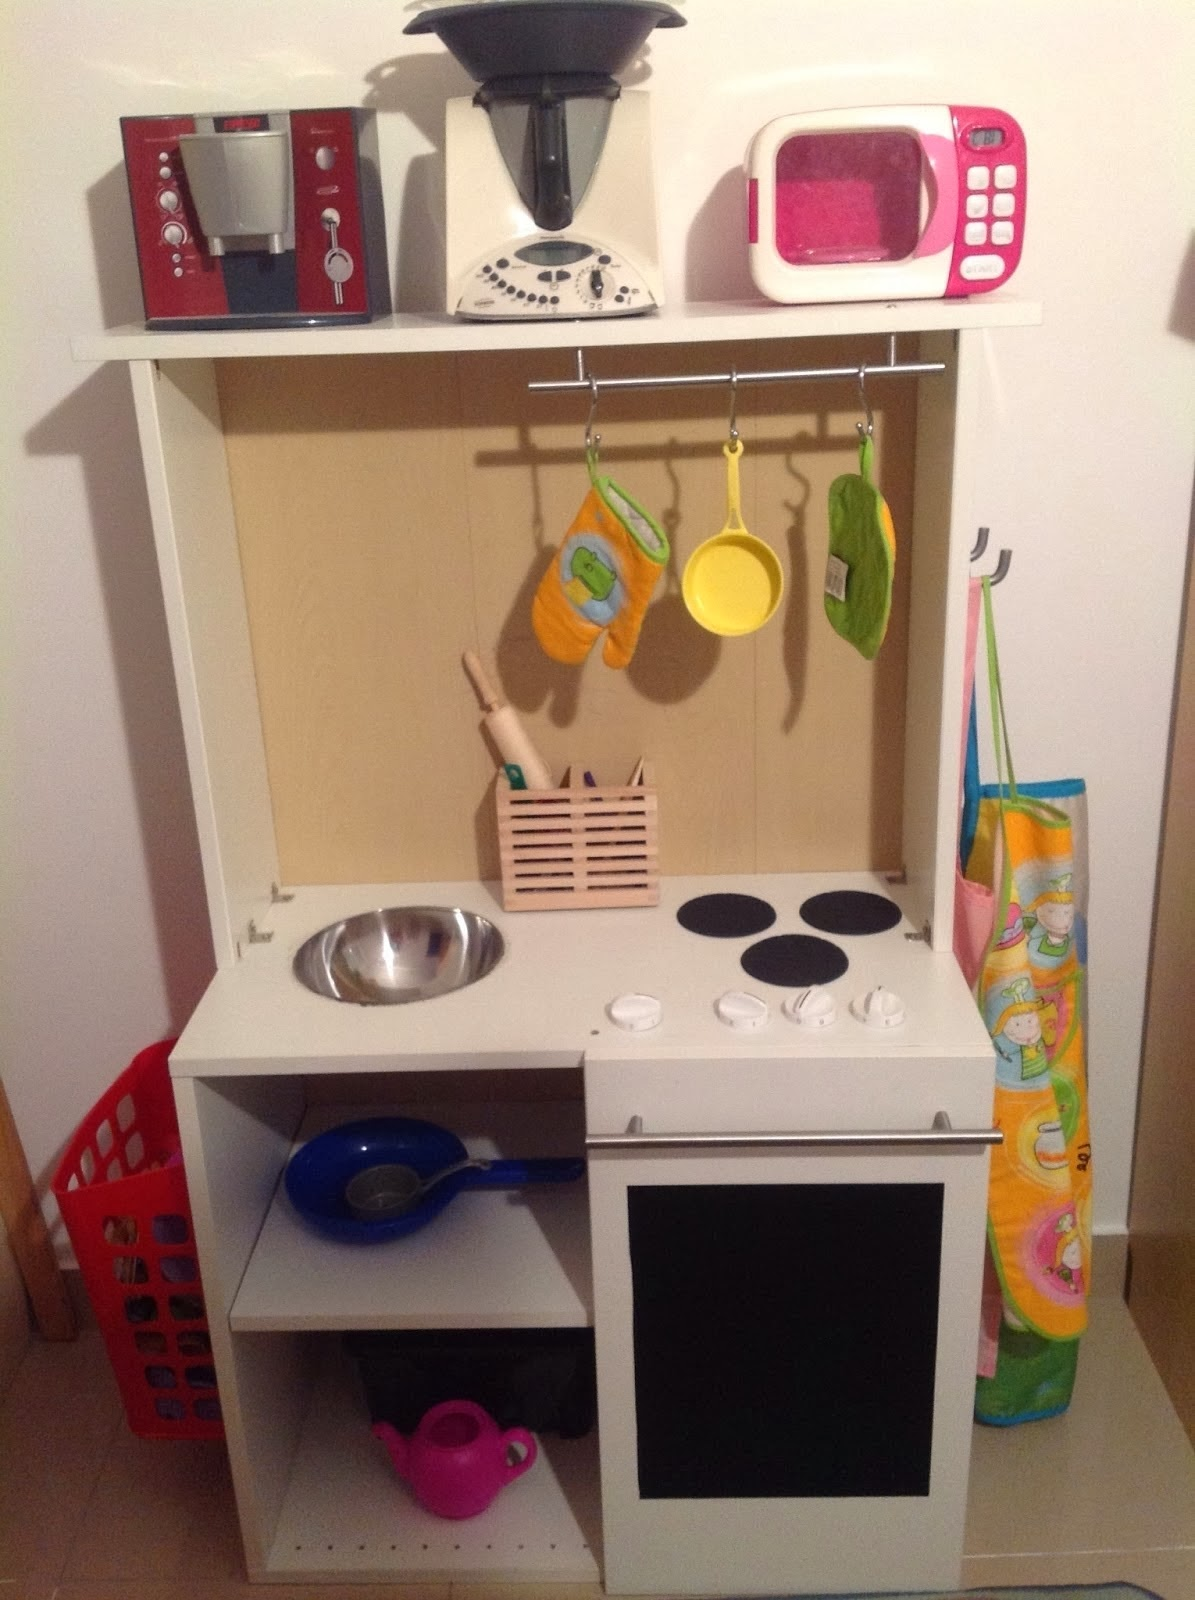 Una cocina de juguete en un mueble faktum mi llave allen for Cocina de juguete